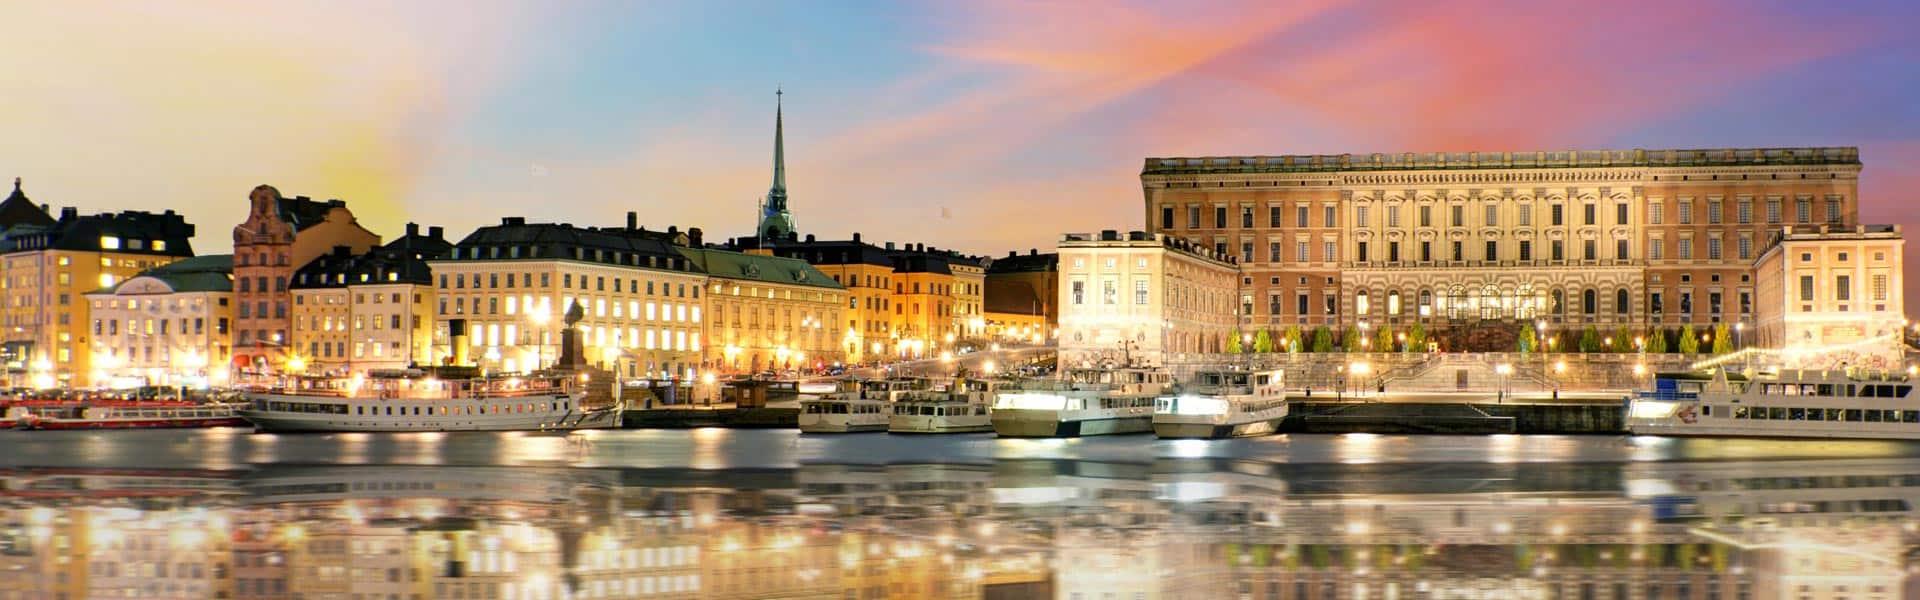 Königlich staunen: Besuchen Sie das Königshaus Stockholm in Schweden